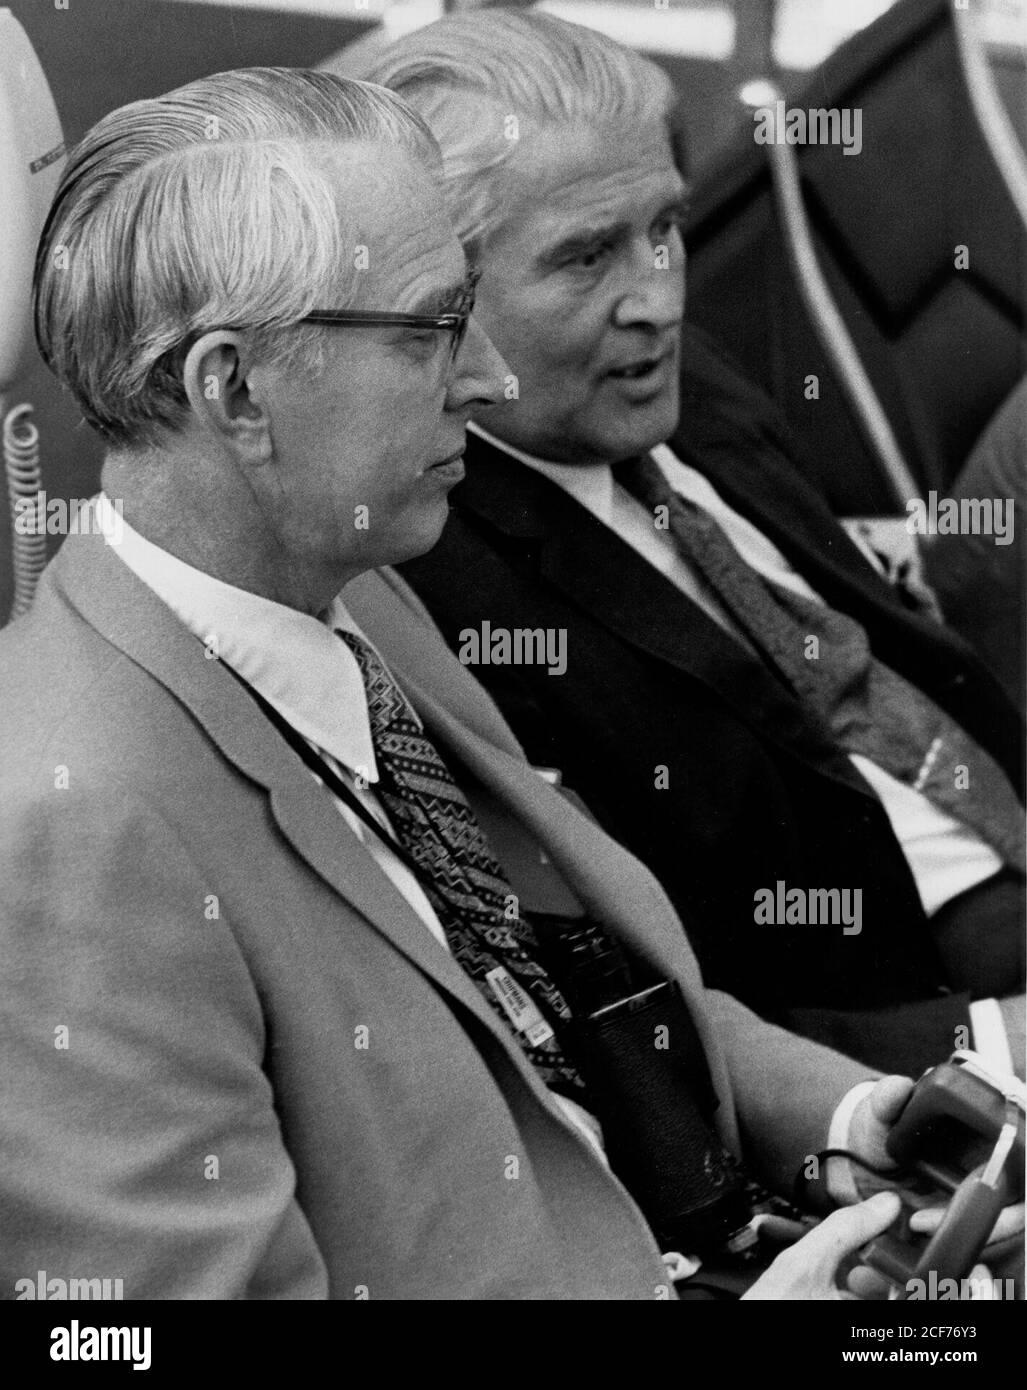 Kürzlich ernannte NASA-Administrator Dr. James C. Fletcher, links, und Dr. Wernher von Braun, stellvertretender Associate Administrator für Planung, überwachen Apollo 15 Vorrelaunch-Aktivitäten in Feuerraum 1 des Launch Control Center und des Kennedy Space Center, Florida. Stockfoto